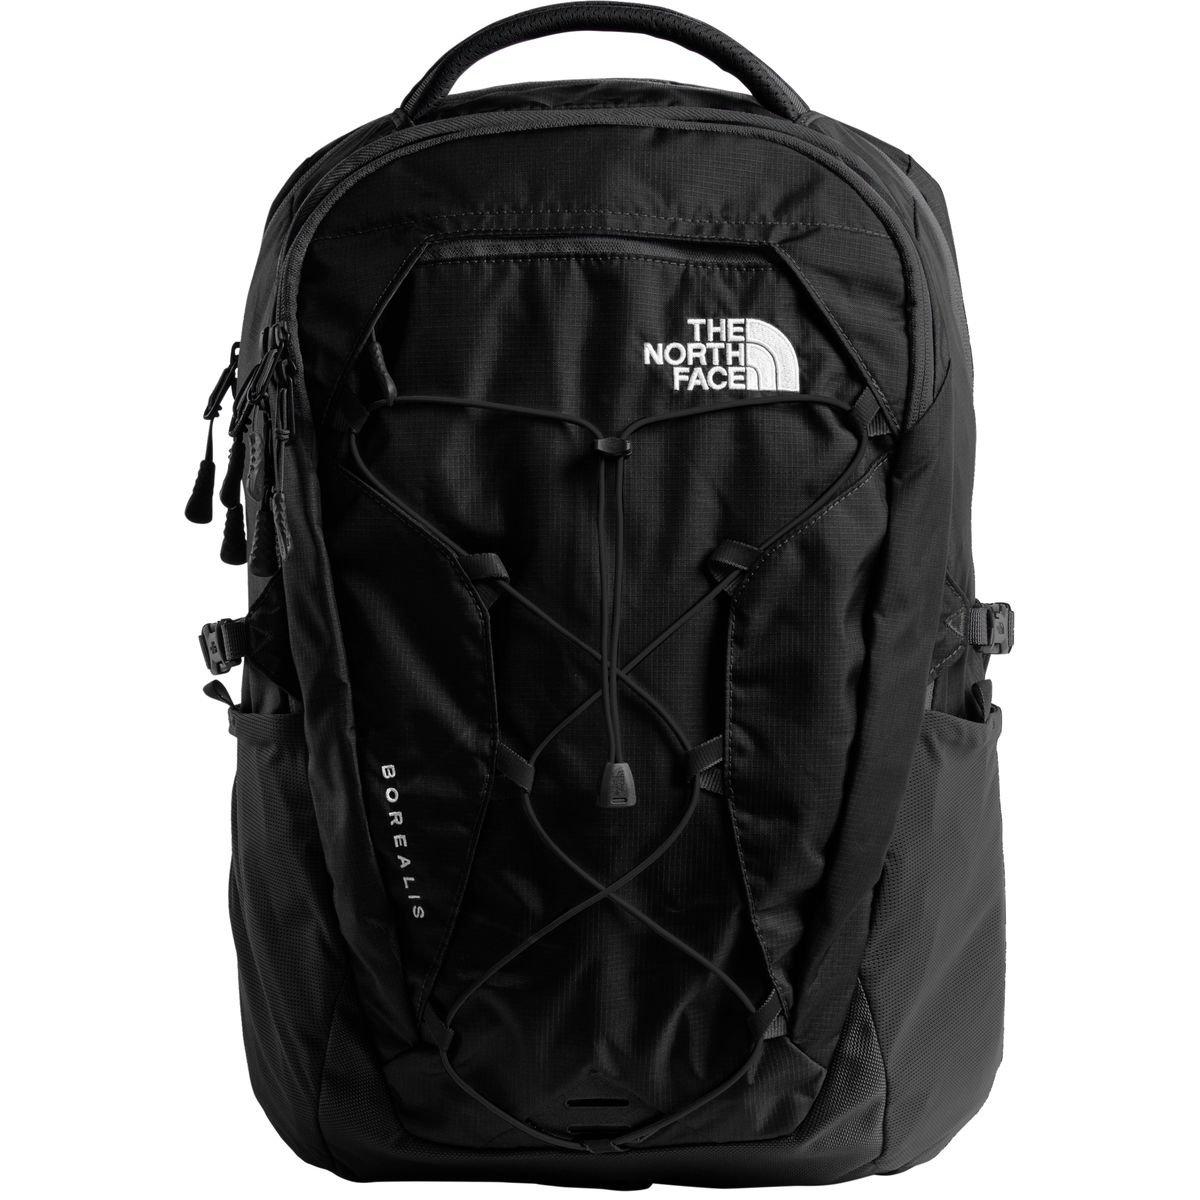 (ザノースフェイス) The North Face Borealis 27L Backpack - Women'sレディース バックパック リュック Tnf Black [並行輸入品]   B07F9R3J1W